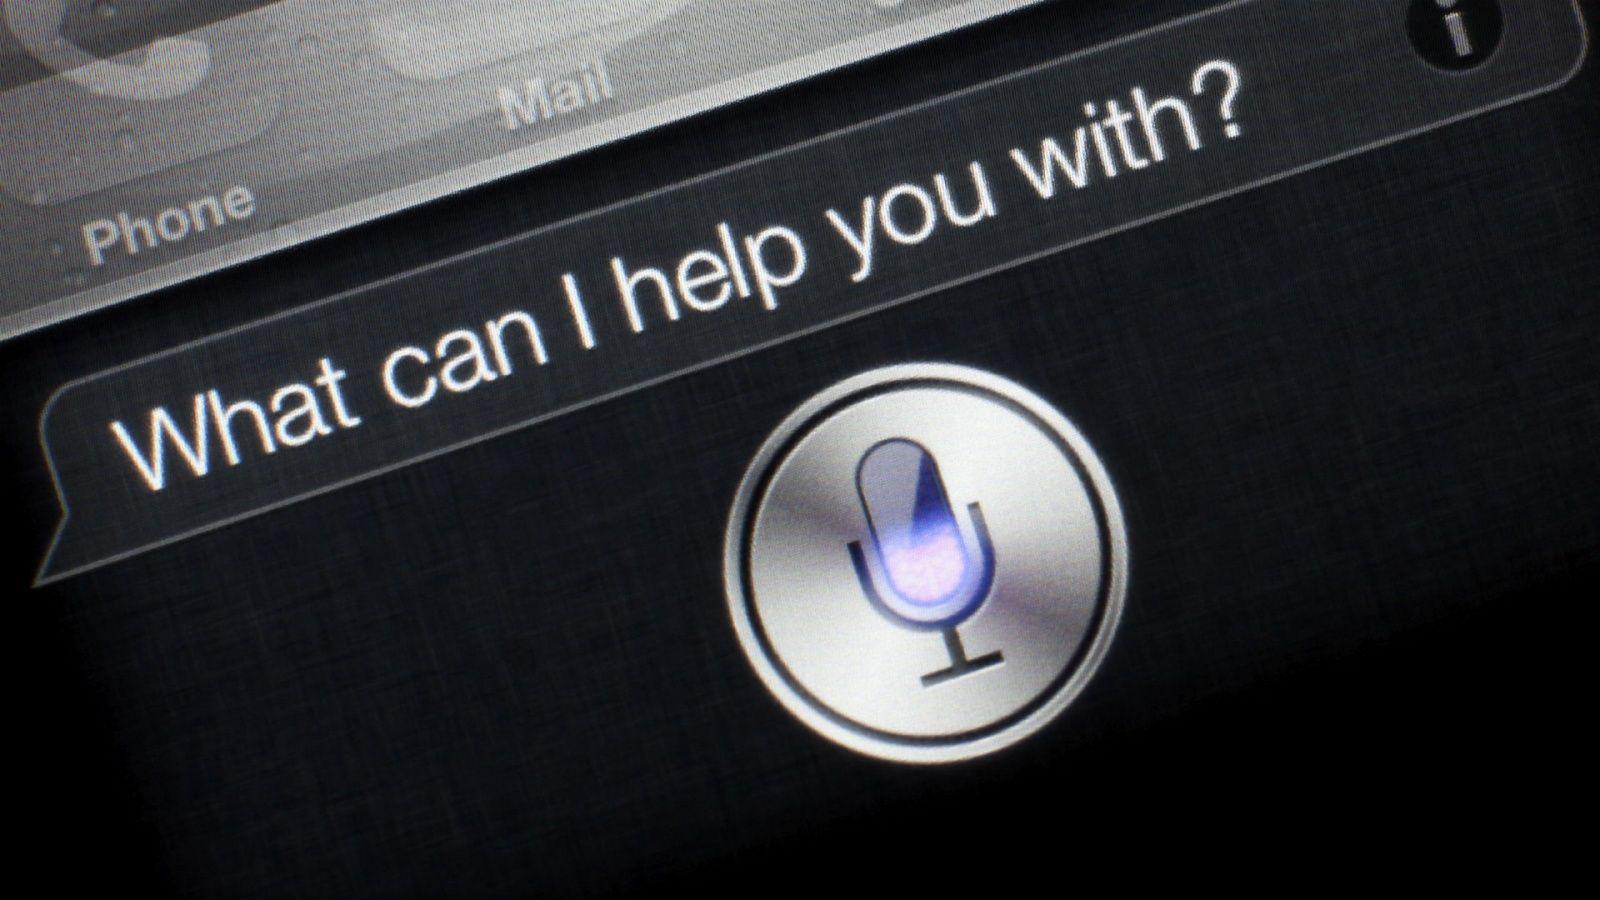 Siri Closeup